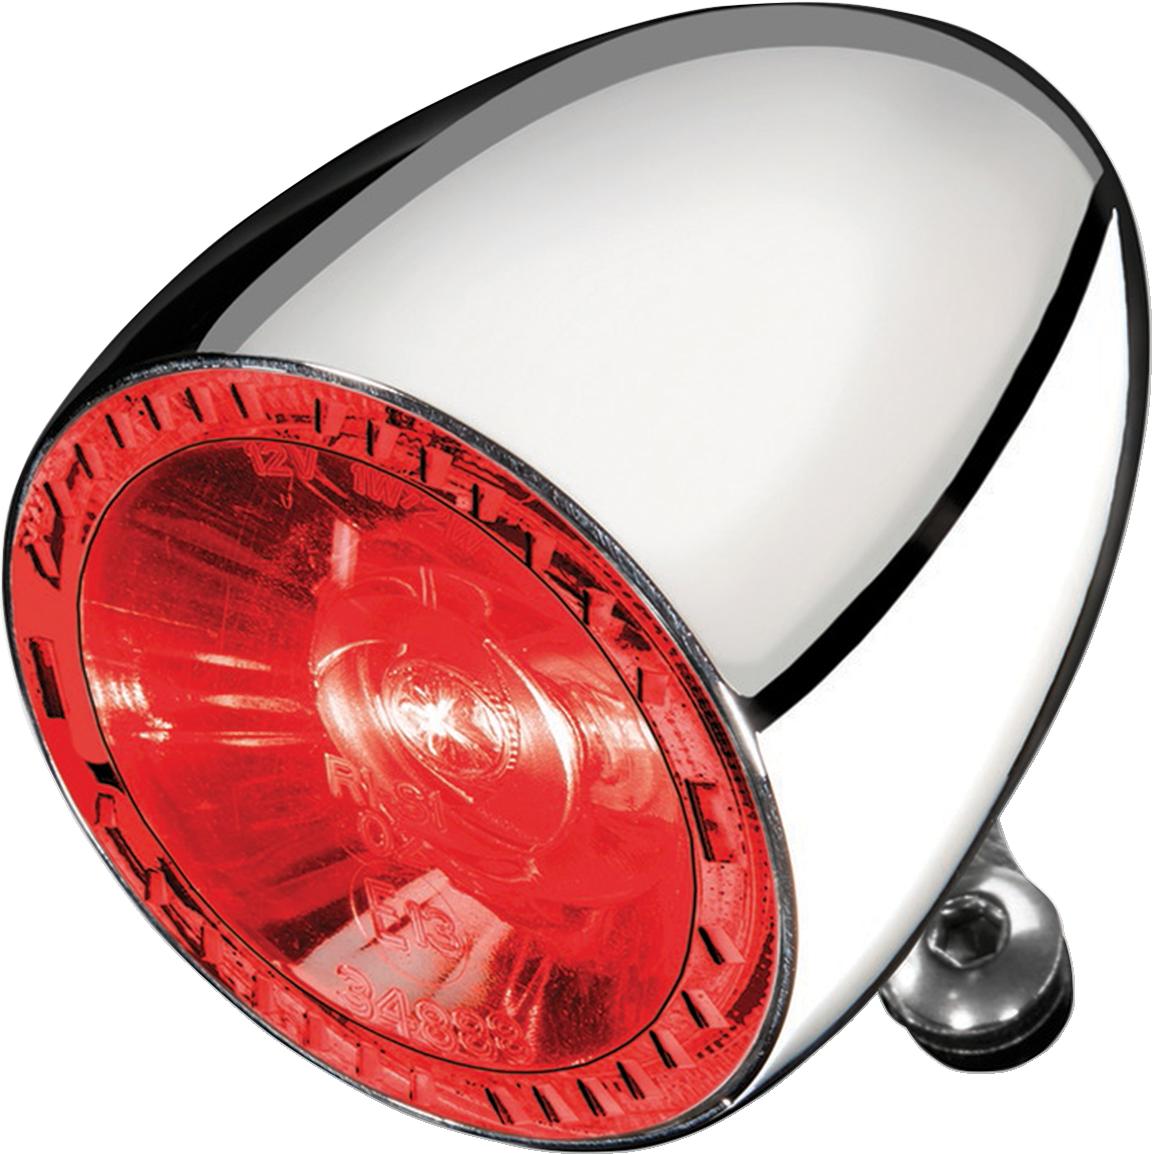 Kuryakyn 2860 Chrome Rear Bullet 1000 Fender LED Brake Light for Harley Davidson